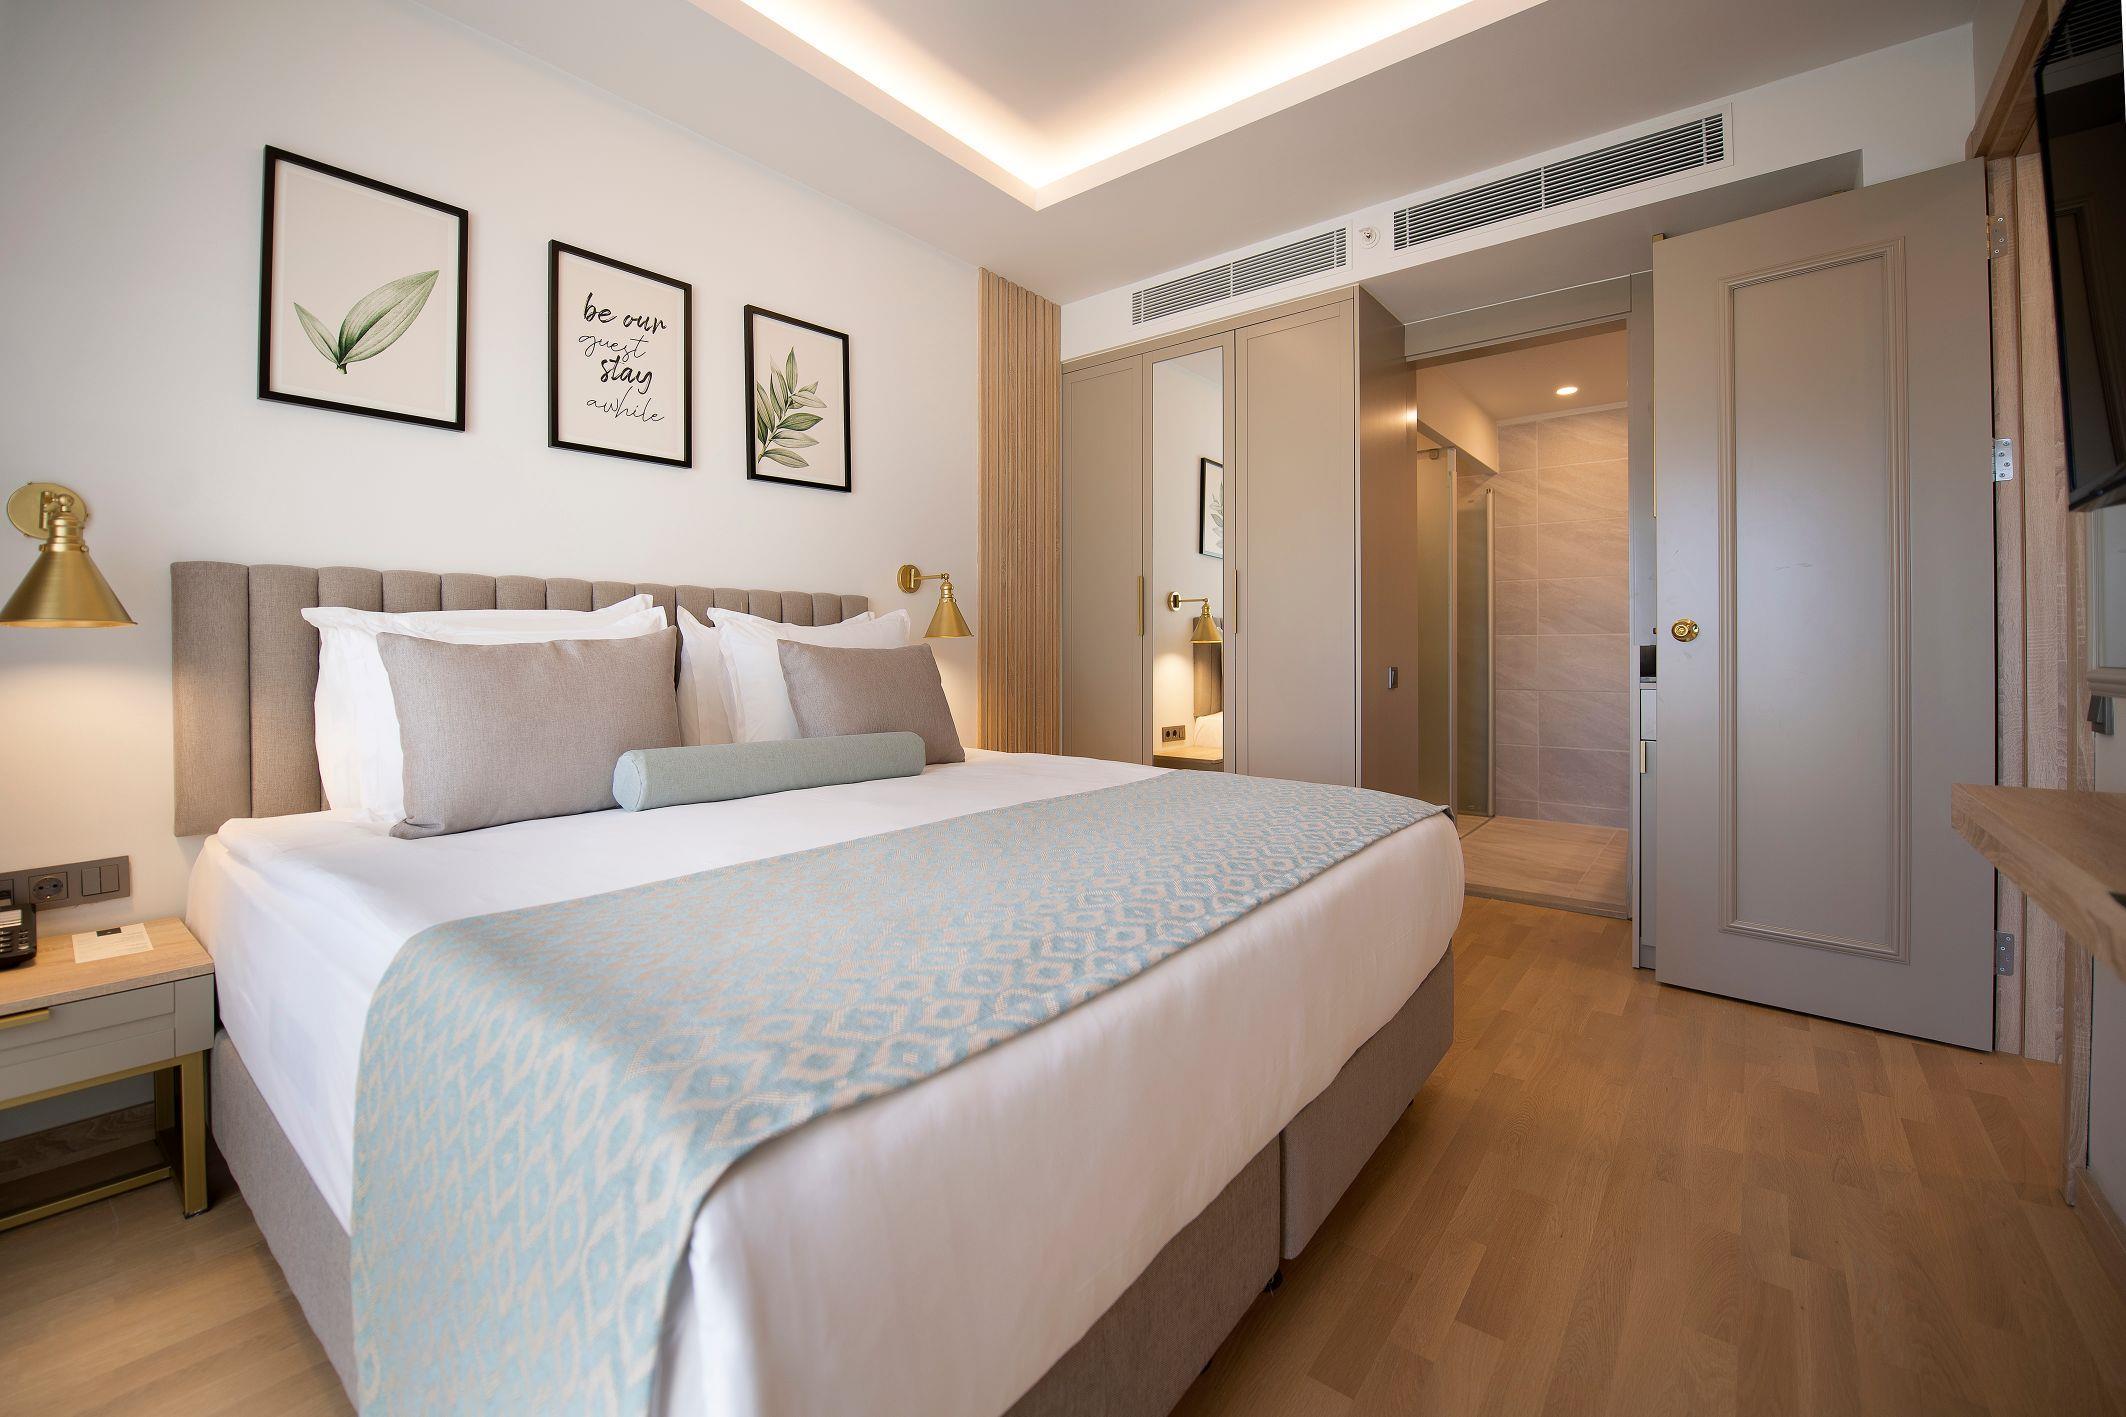 http://www.orextravel.sk/OREX/hotelphotos/miramare-queen-hotel-general-0028.jpg